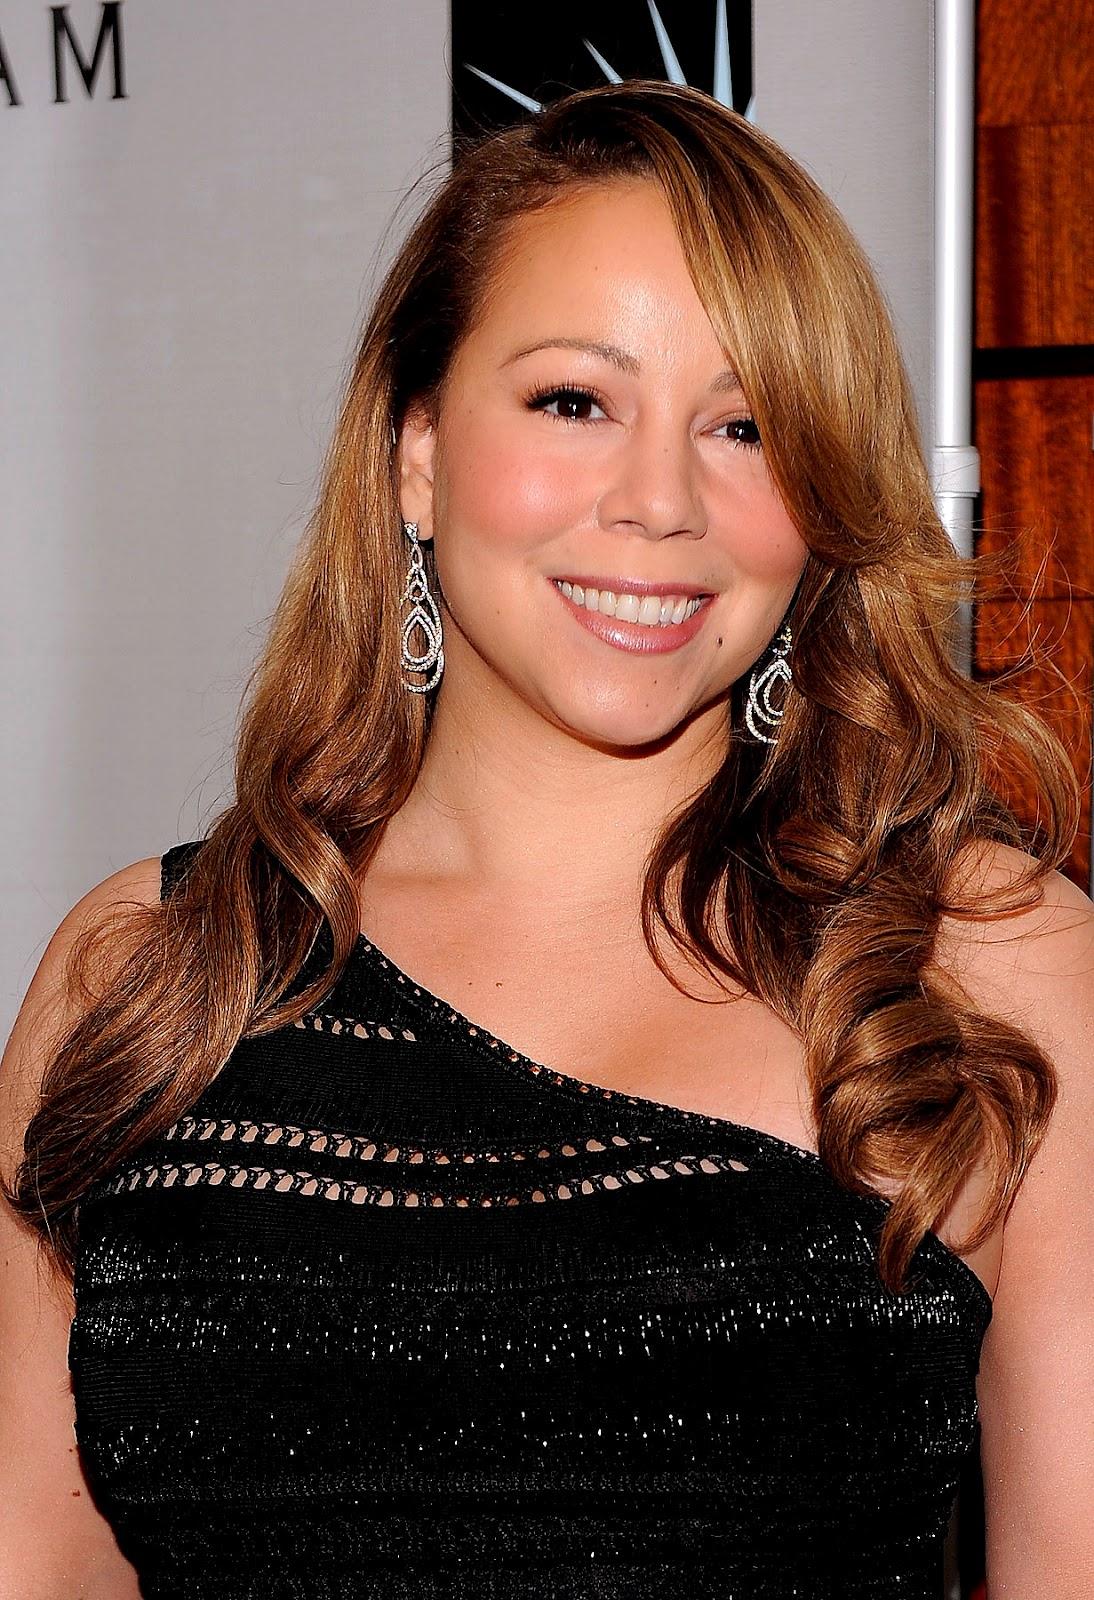 http://3.bp.blogspot.com/-Kta9MgwBF2E/UBbtztZEsPI/AAAAAAAAFJ8/zXIX7JB-SK0/s1600/Mariah-Carey-hairstyles-celebrity-actress-singer-wallpaper-songwriter-carey-mariah+(12).jpg